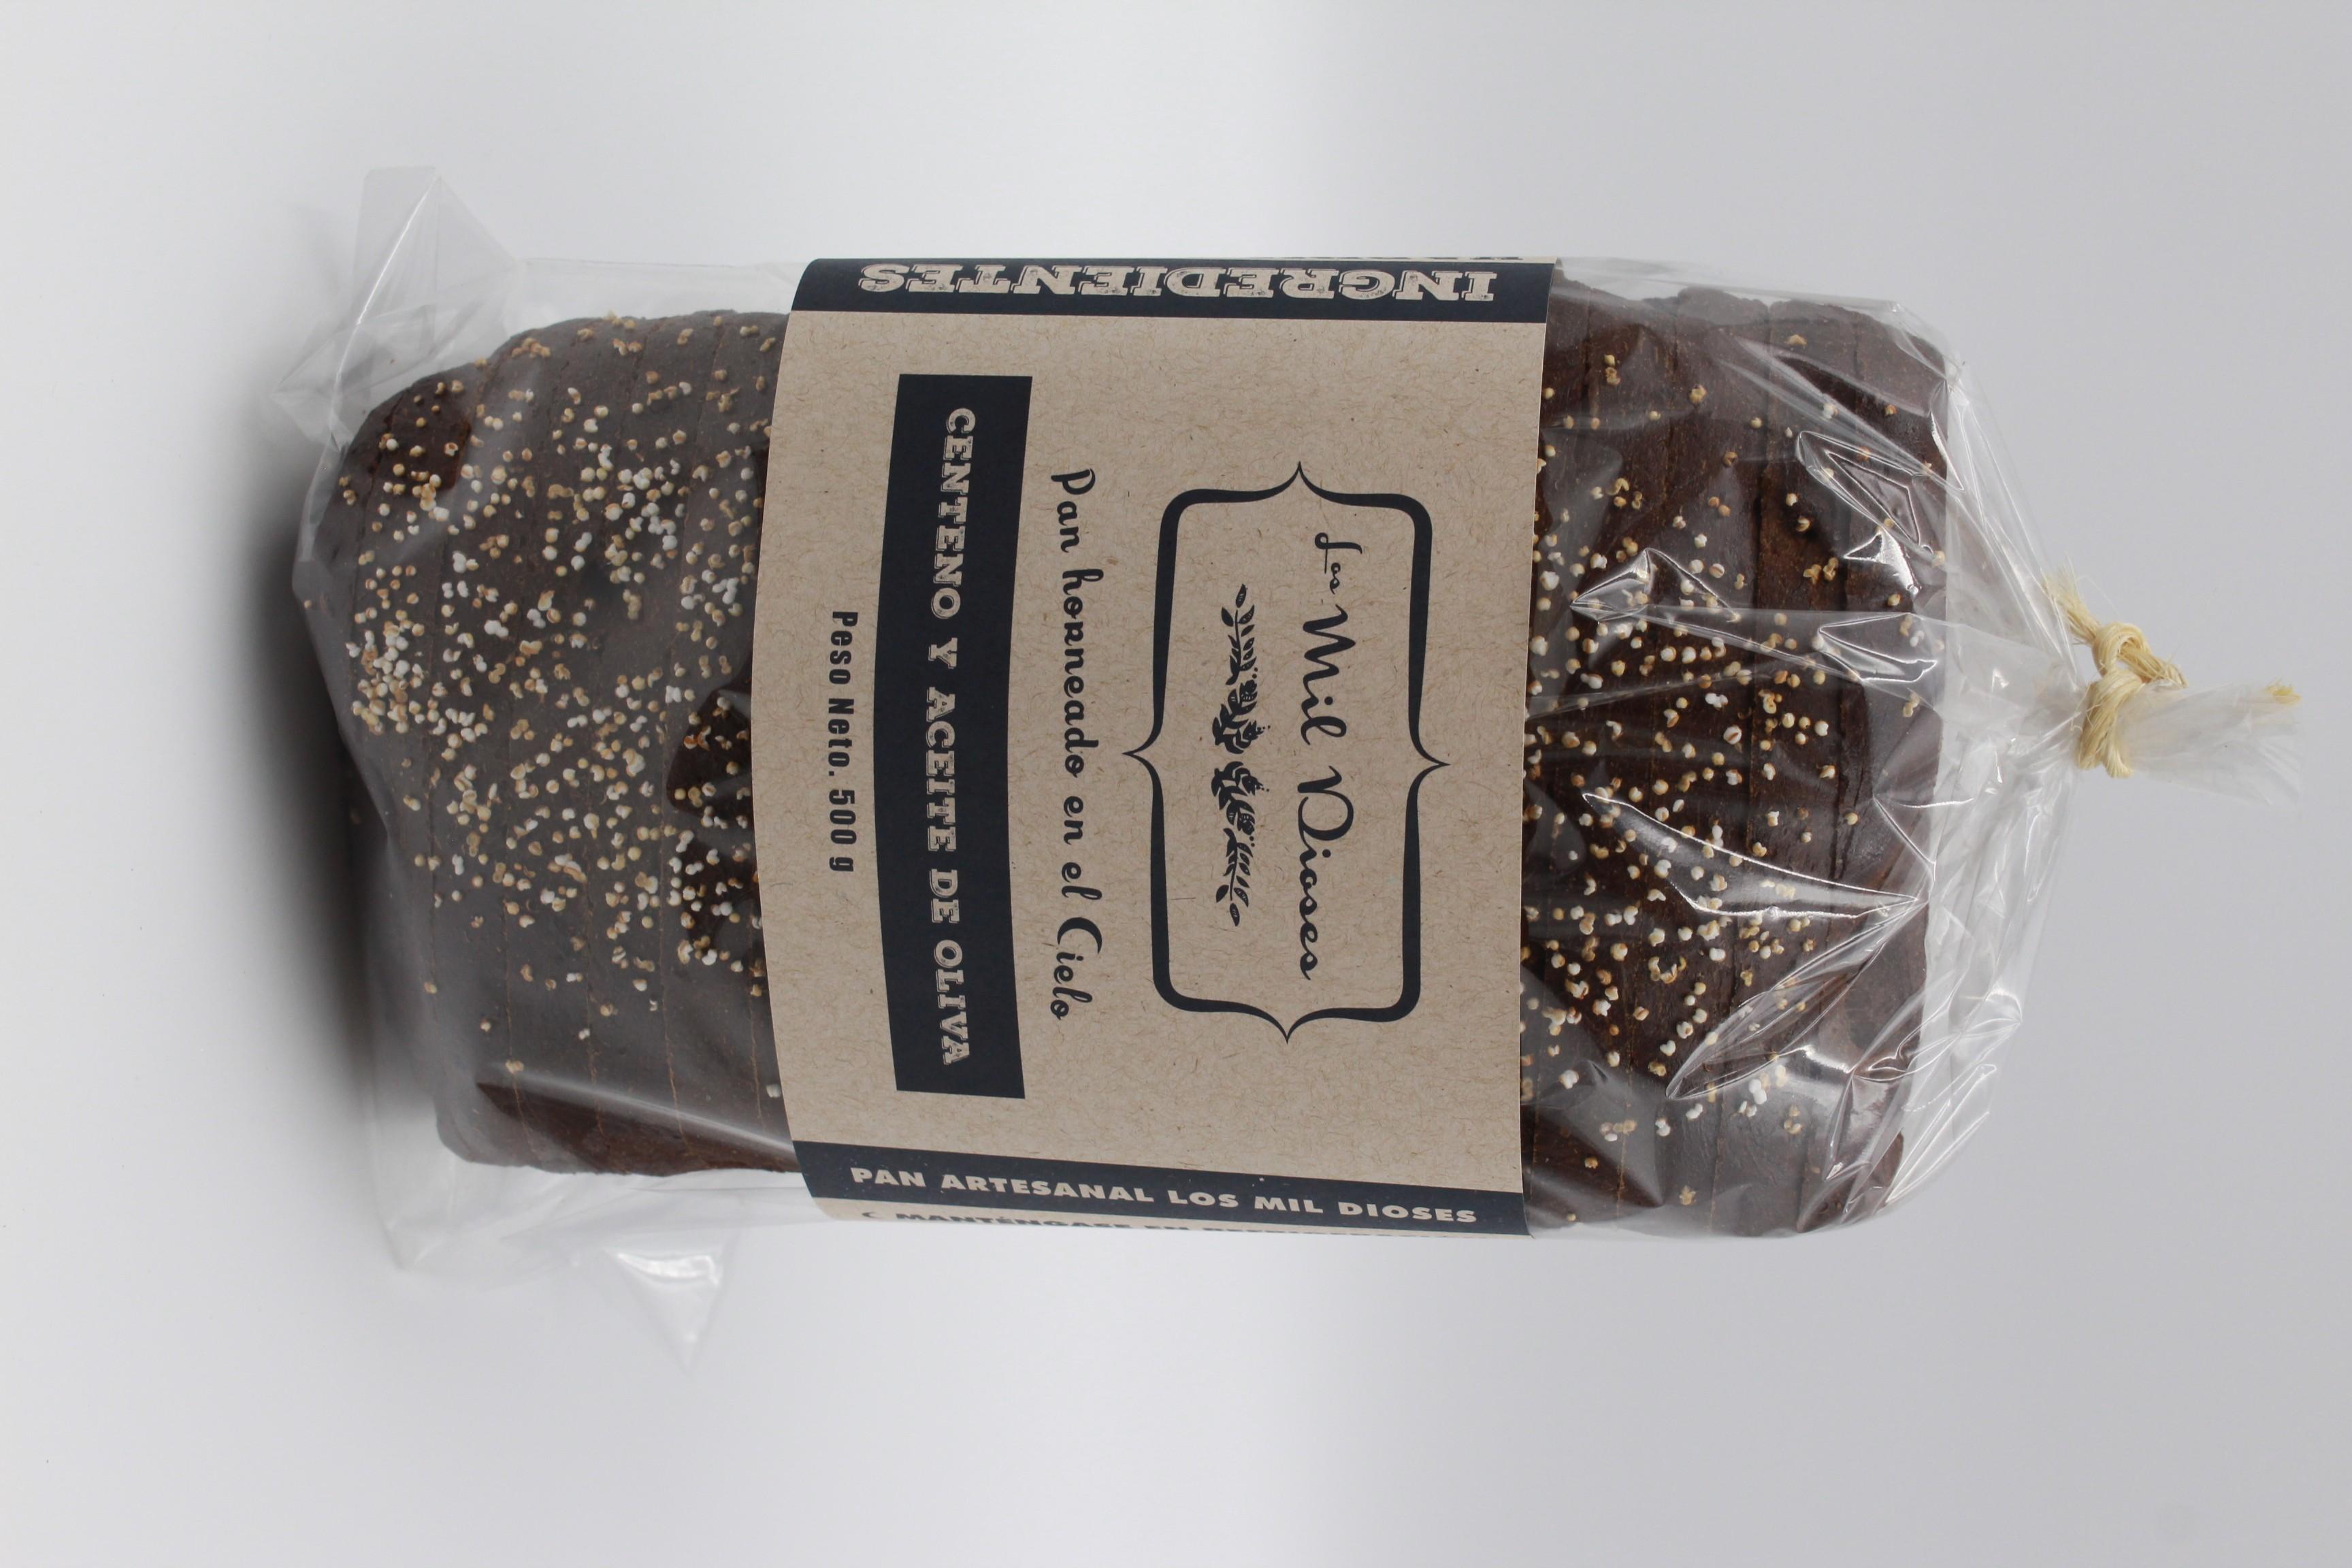 Pan de caja de centeno y aceite de oliva (1 pieza)